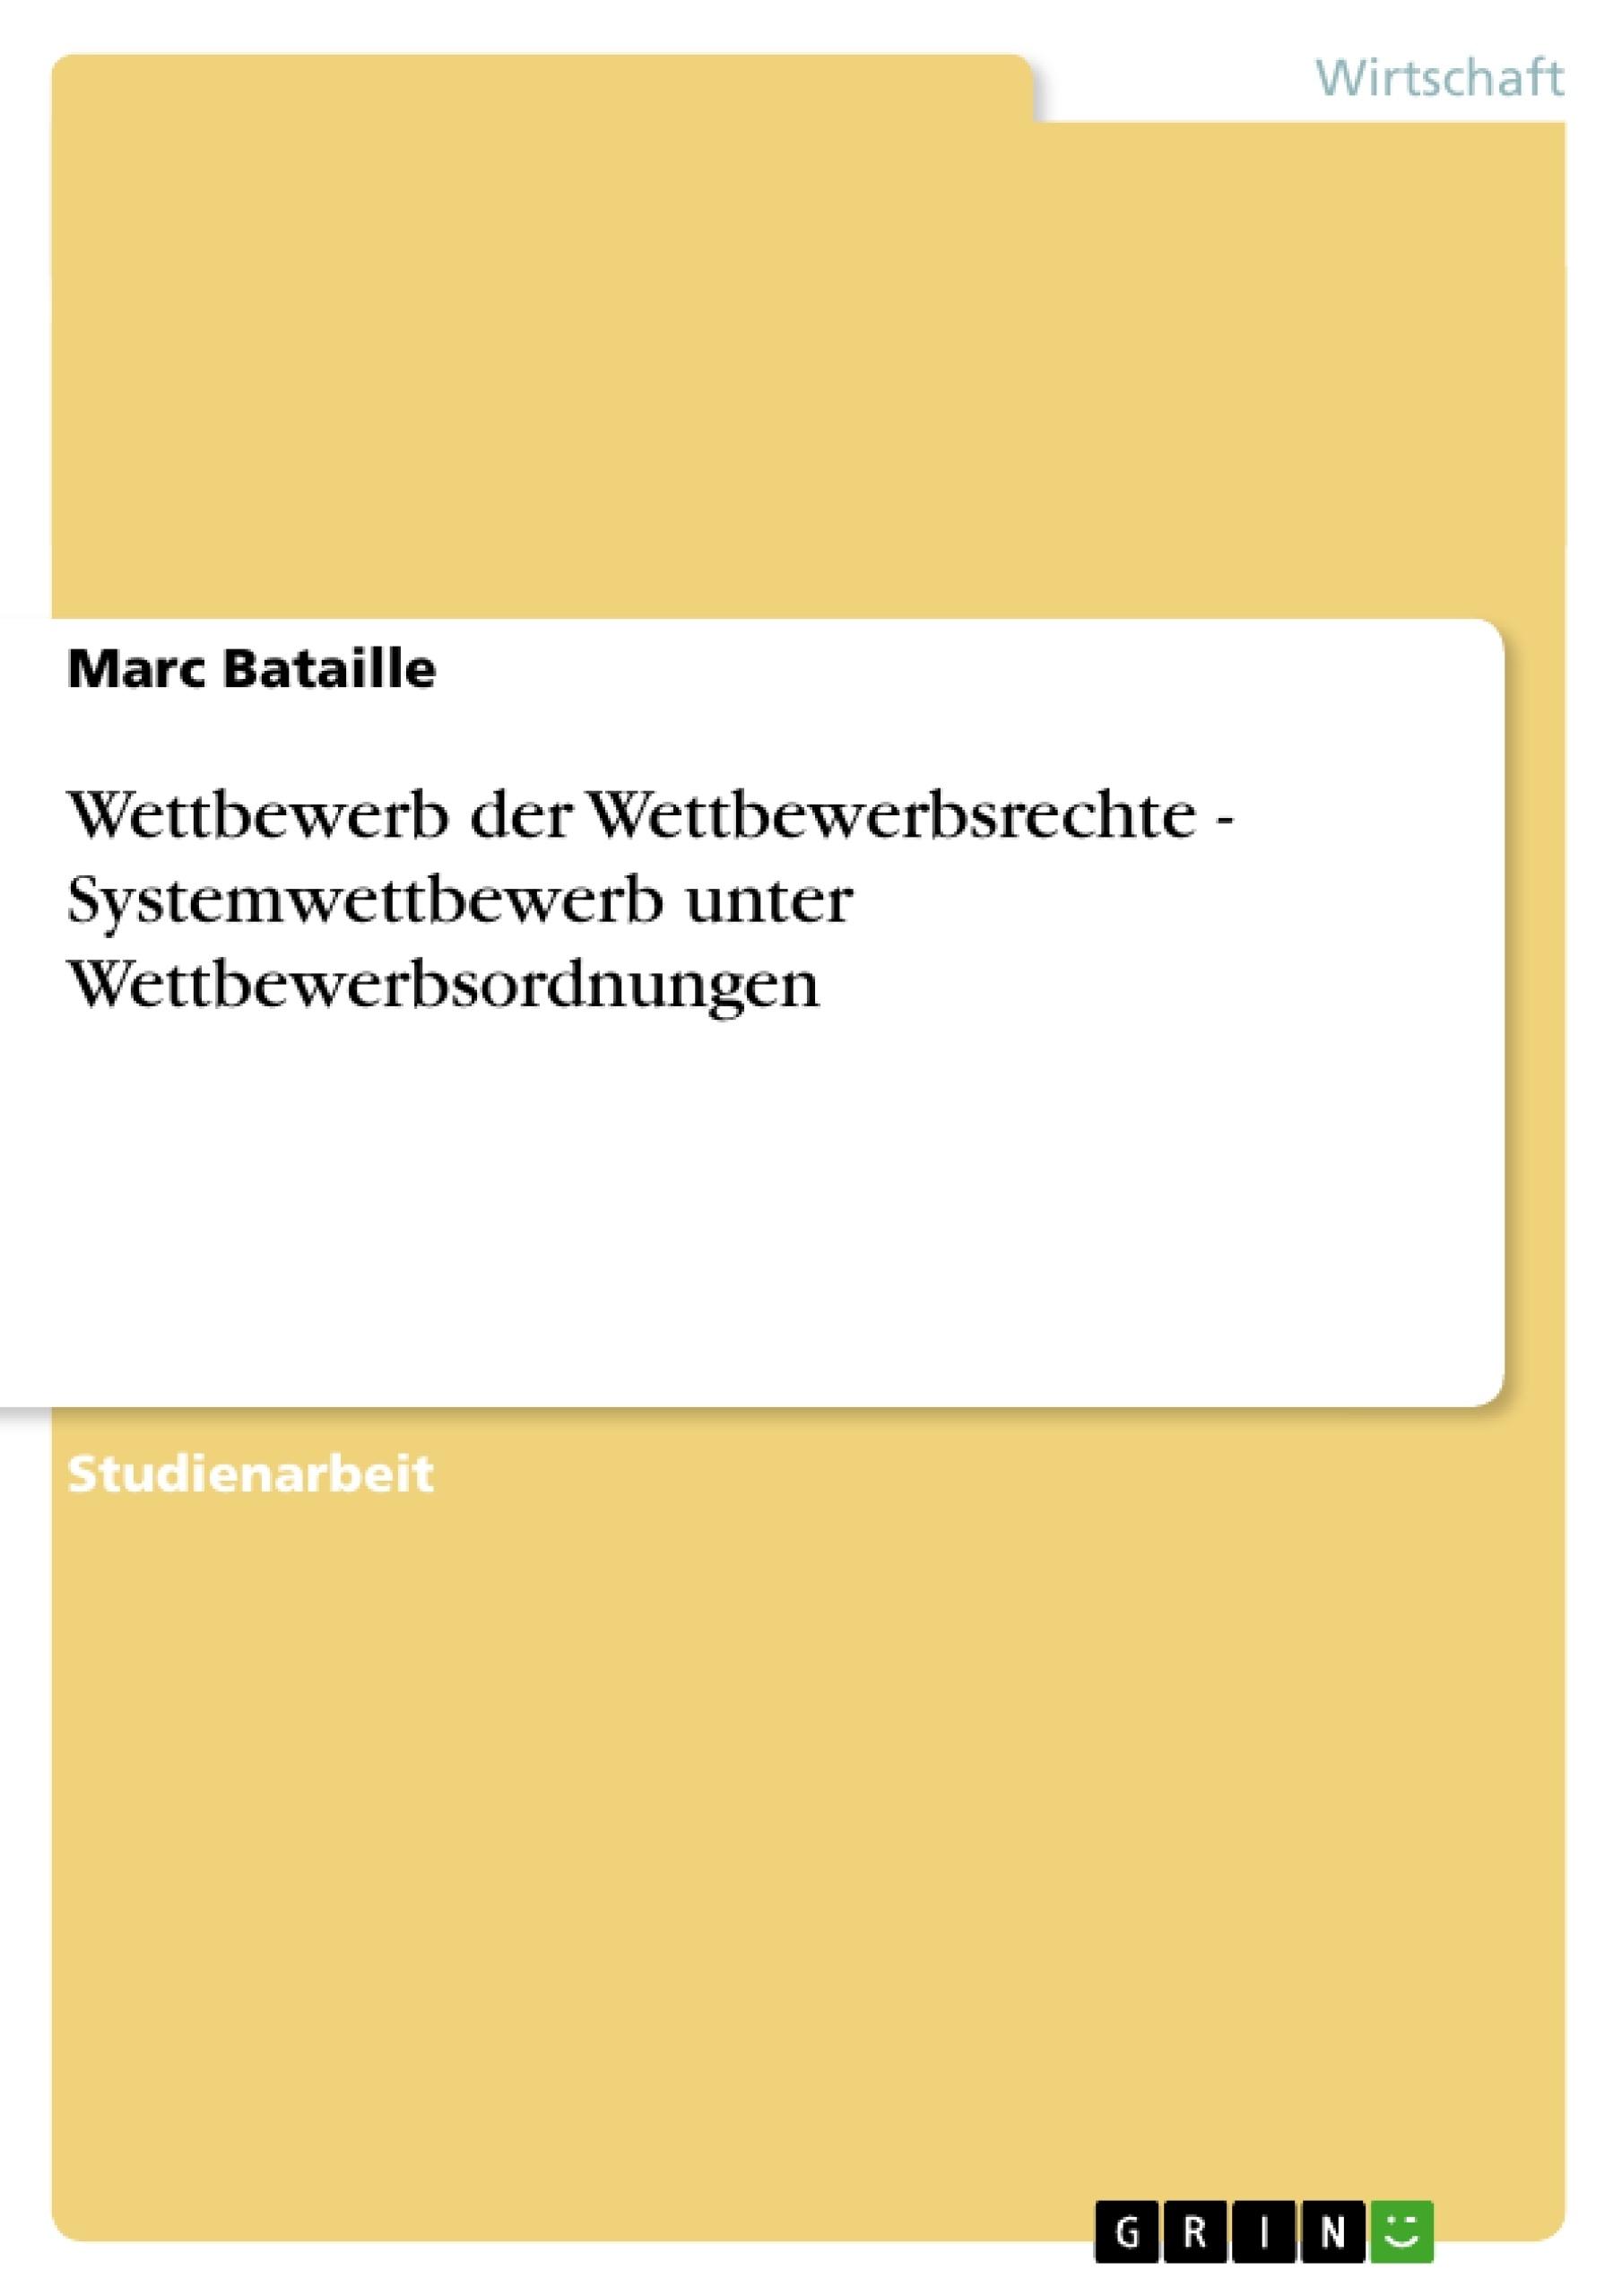 Titel: Wettbewerb der Wettbewerbsrechte - Systemwettbewerb unter Wettbewerbsordnungen